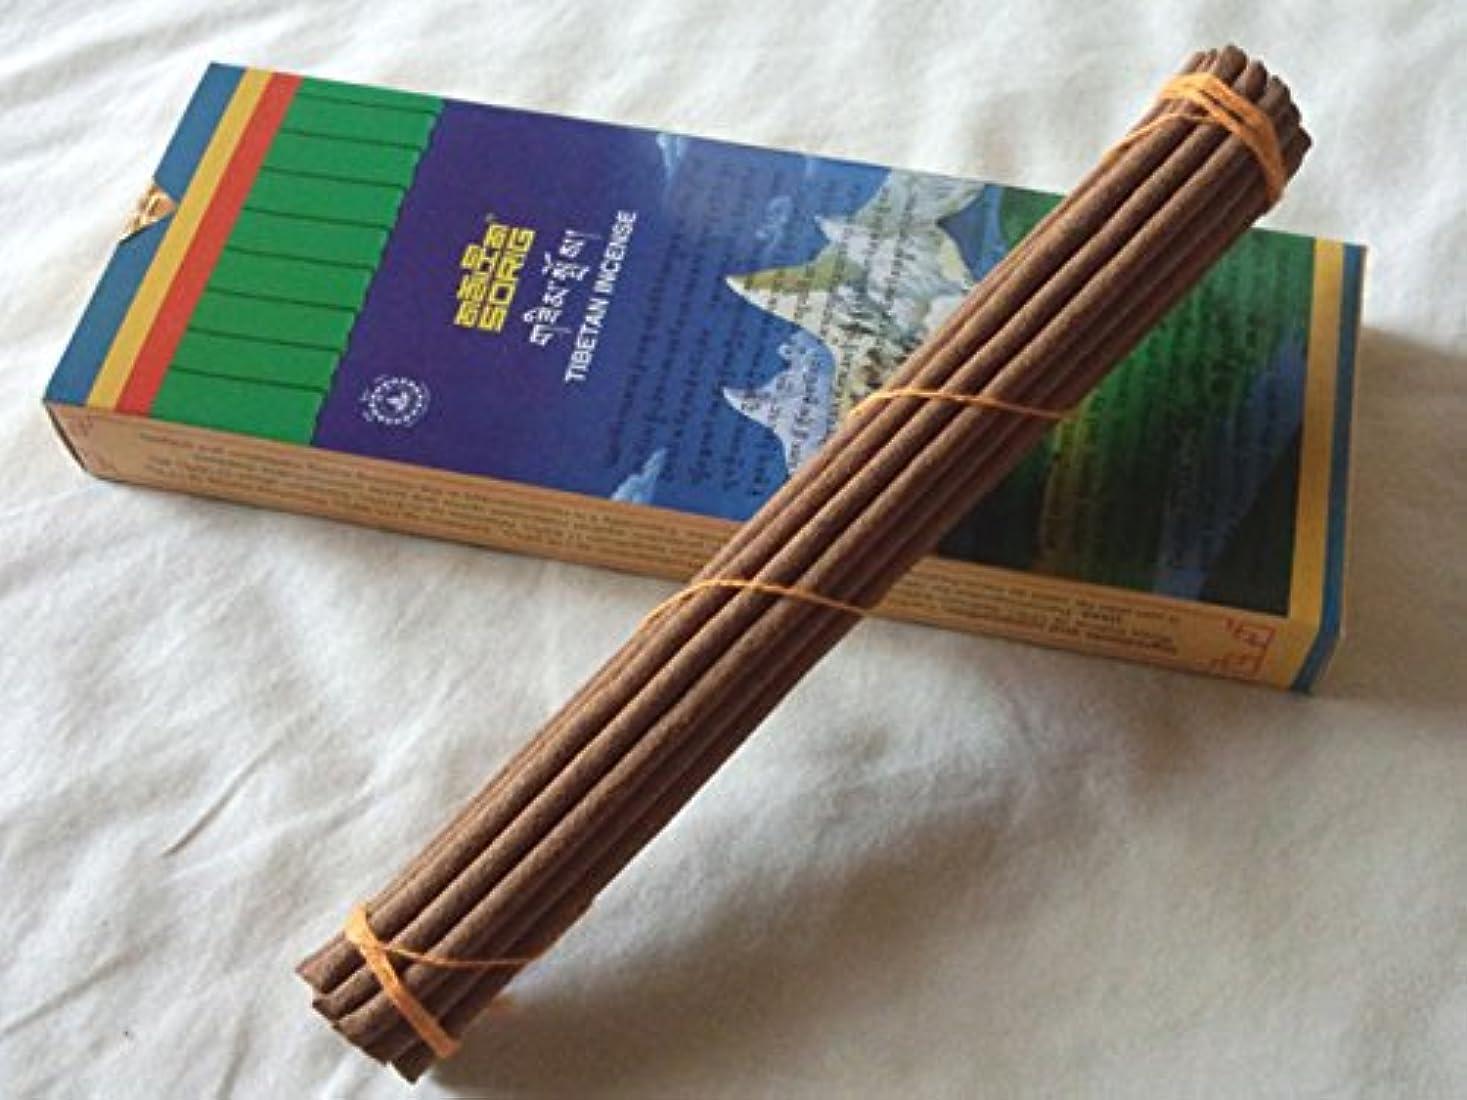 ラダ死の顎バイソンMen-Tsee-Khang/メンツィカンのお香-お徳用トリプル SORIG Tibetan Incense big 約20本入×3束